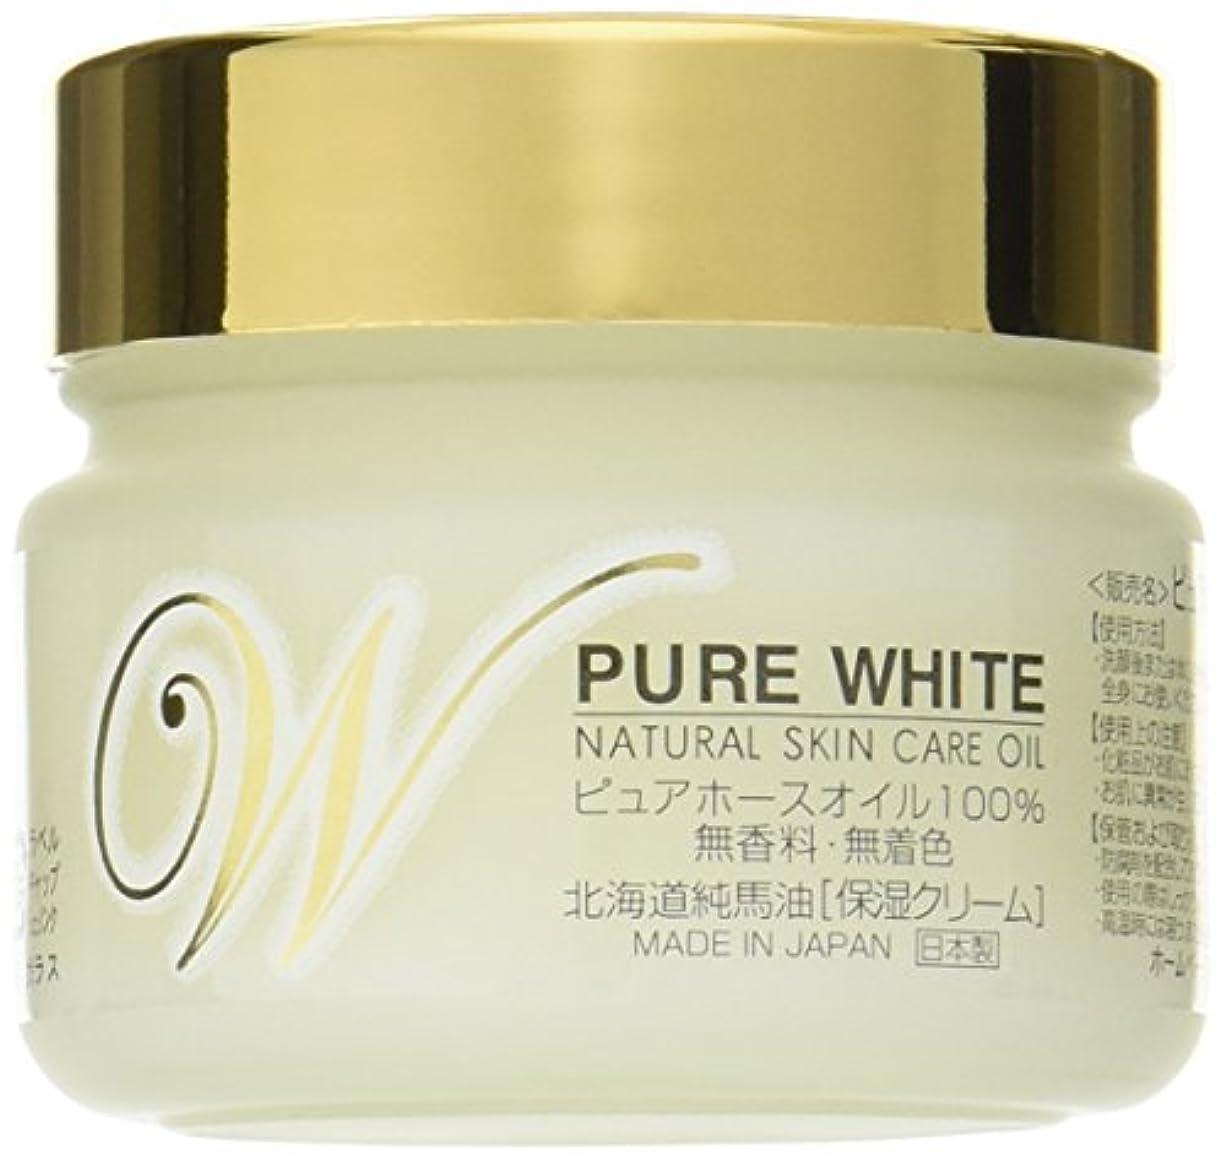 アグネスグレイフィクション広範囲北海道純馬油本舗 ピュアホワイト ピュアホースオイル100% 保湿クリーム 無香料無着色 100g